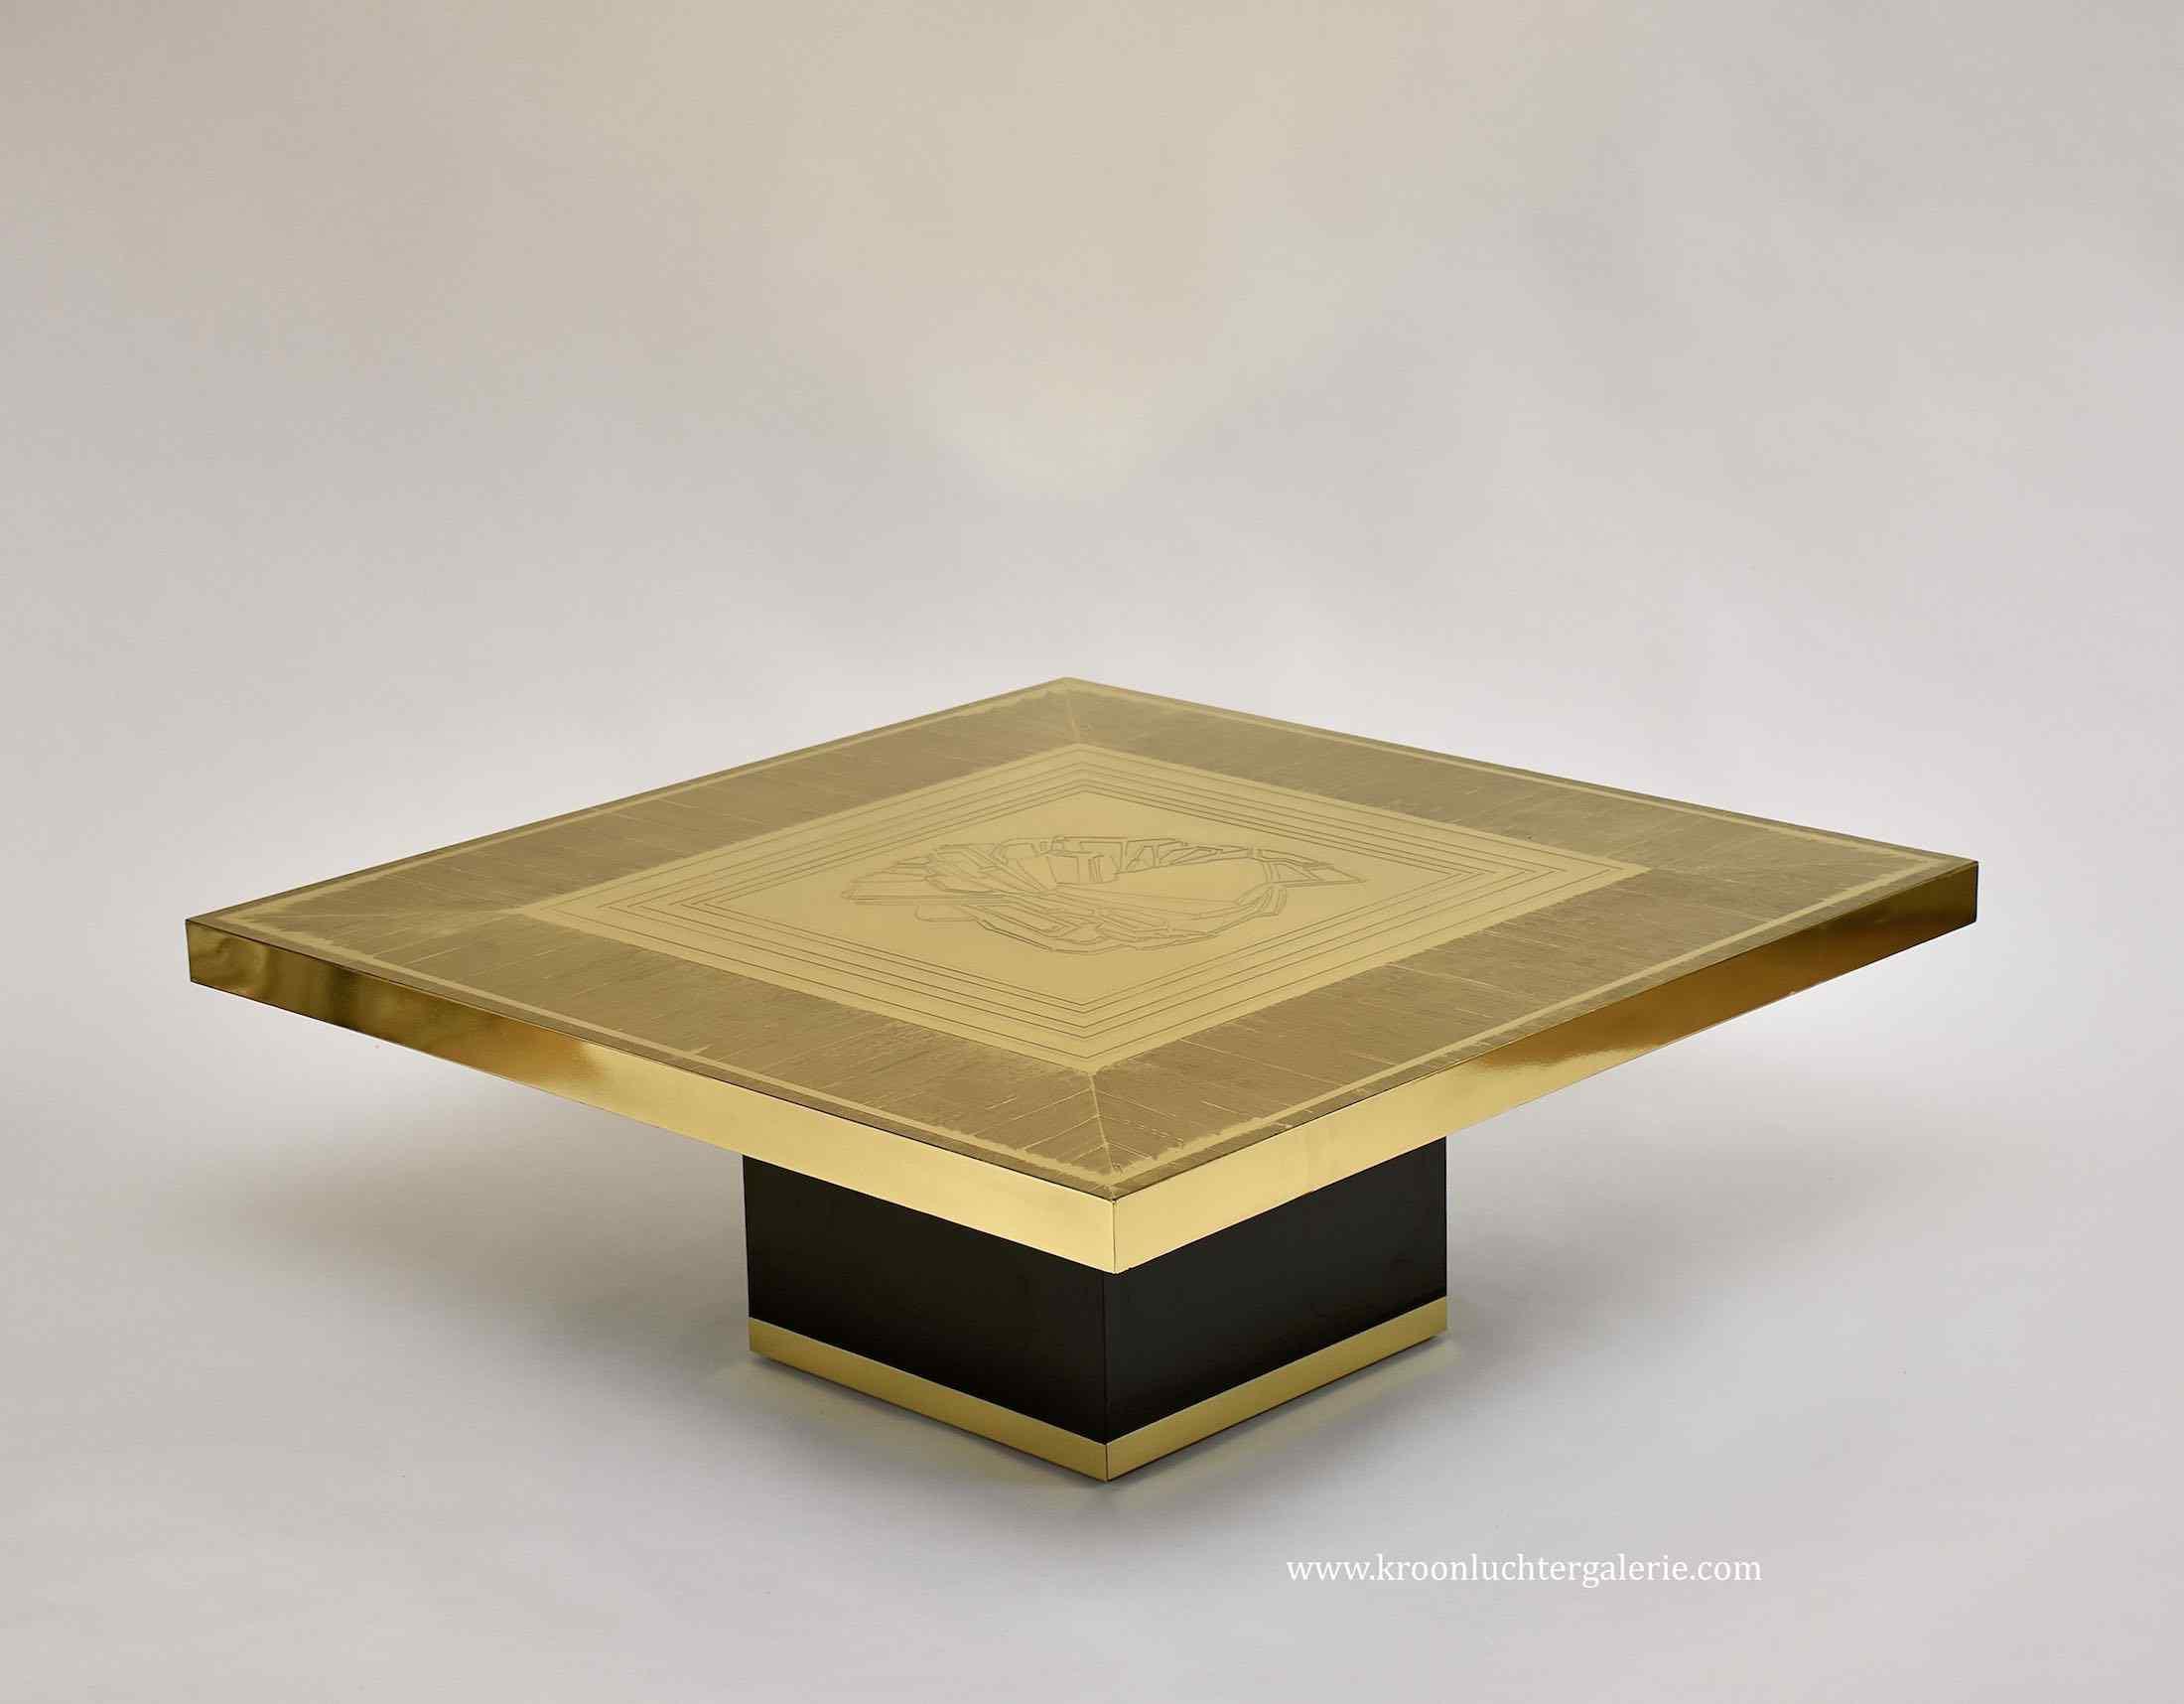 Splendido tavolino in ottone di Lova Creations